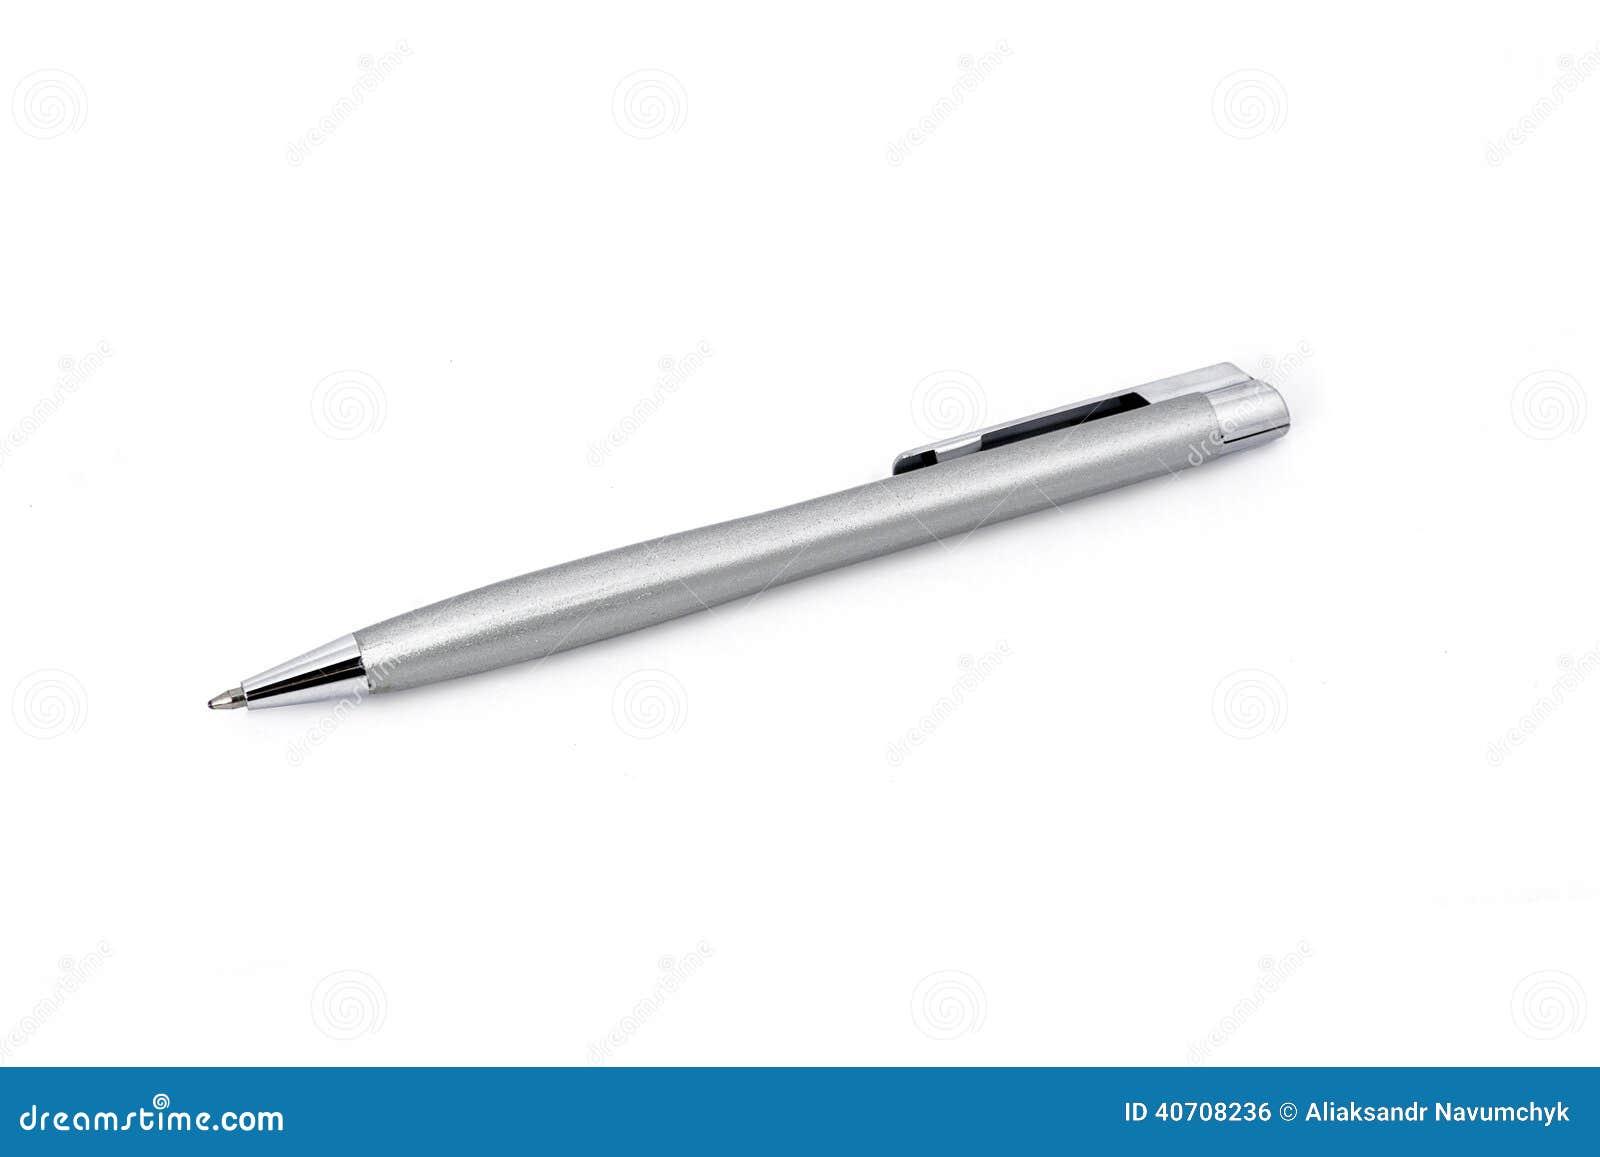 Pena de esferográfica cinzenta isolada em um fundo branco